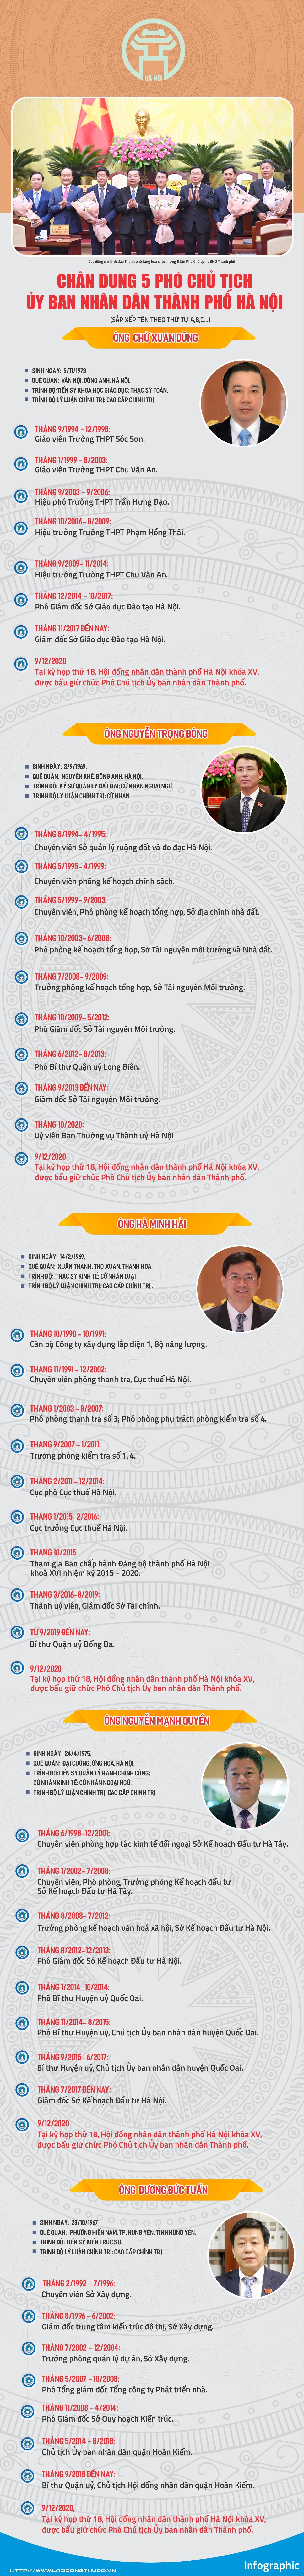 Infographic: Chân dung 5 Phó Chủ tịch Ủy ban nhân dân thành phố Hà Hội